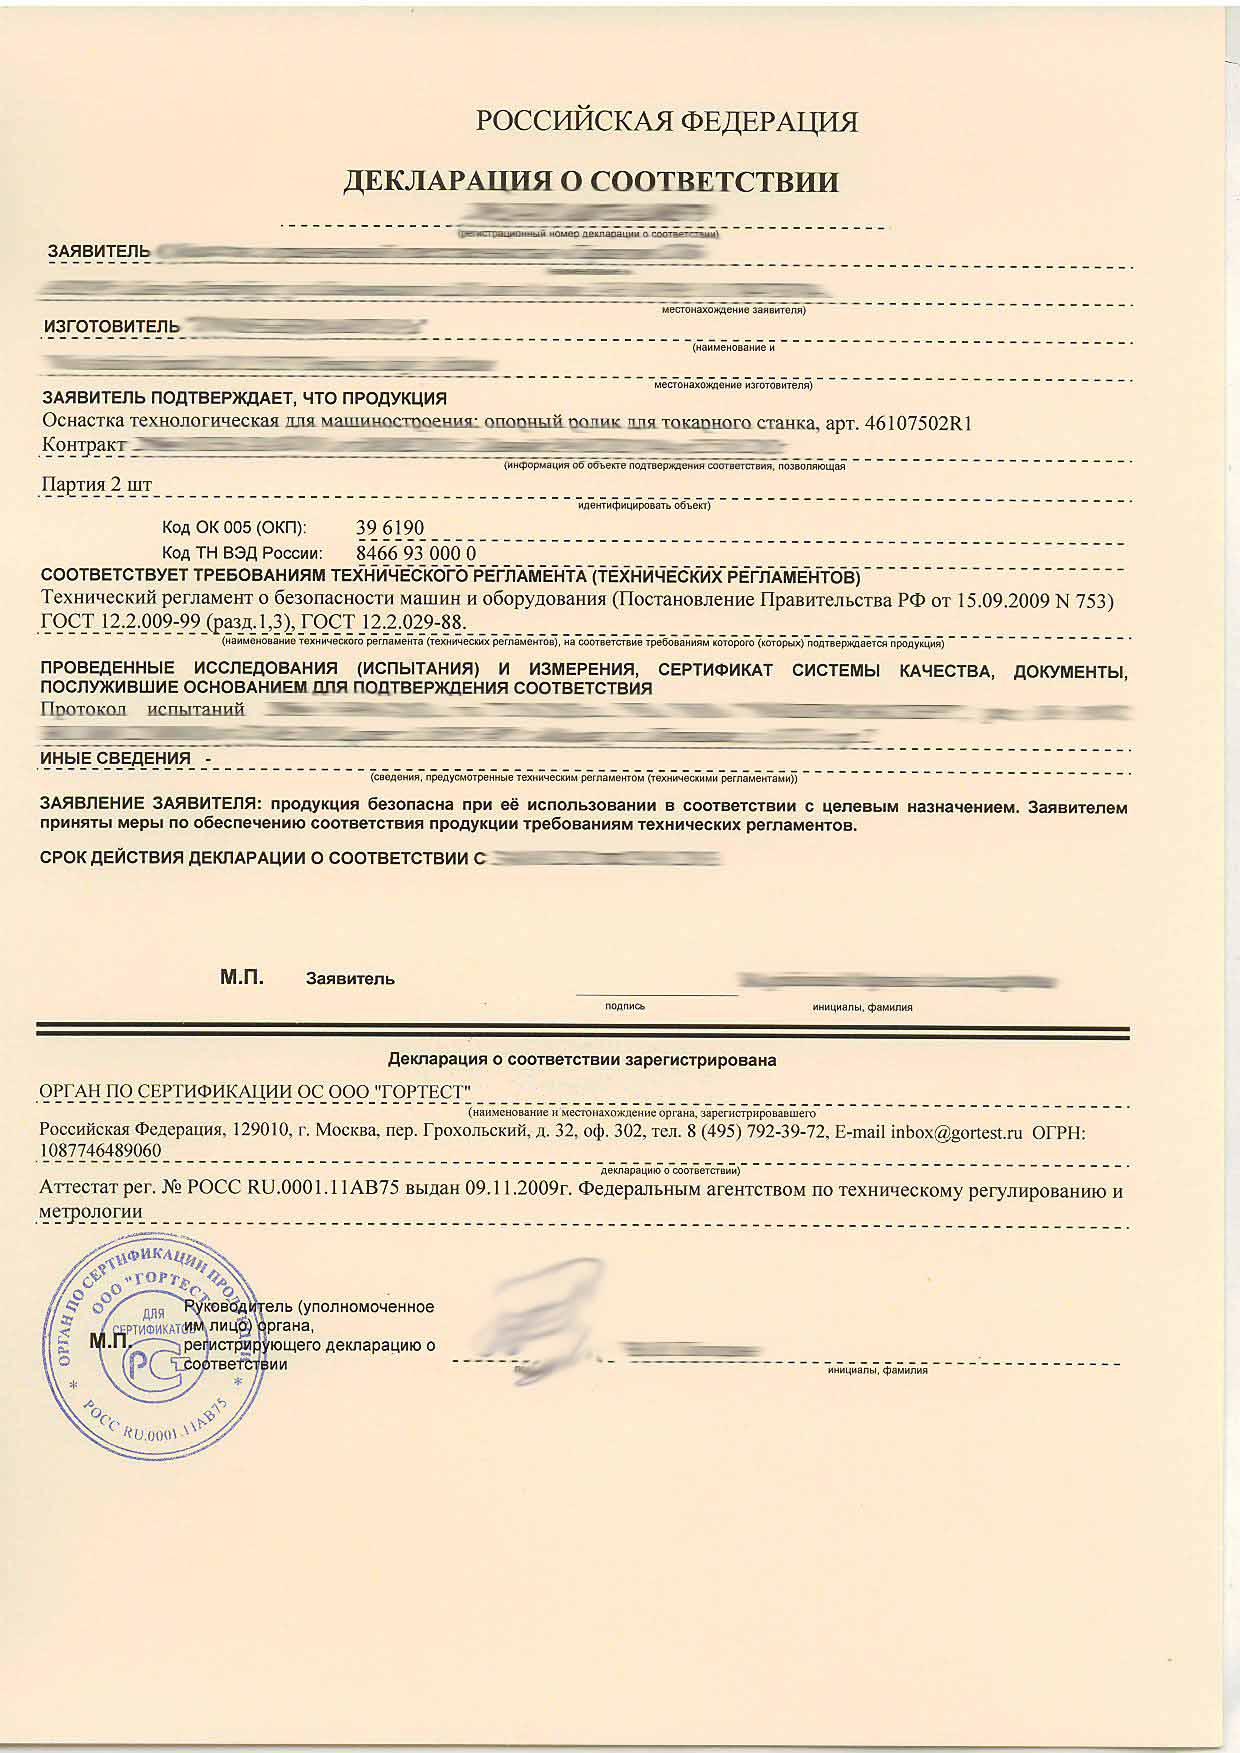 Декларация о соответствии техническому регламенту Таможенного союза - это документ единого образца...